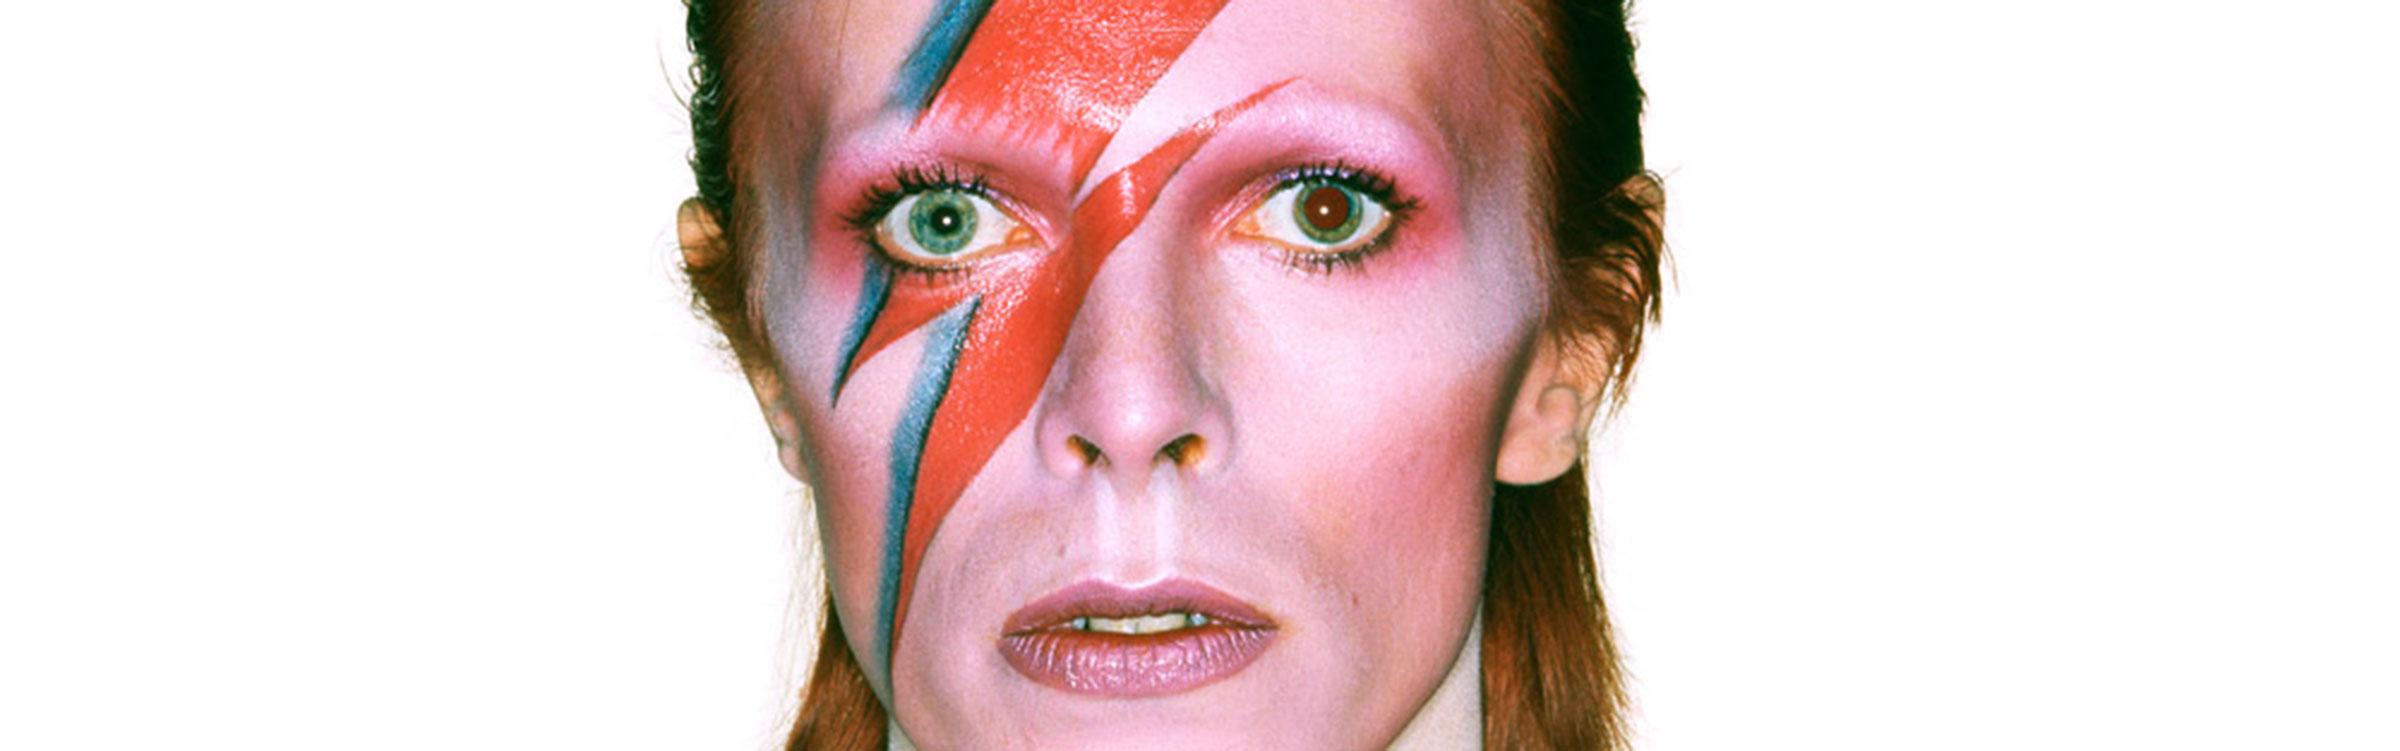 Bowie aladin sane 1000px